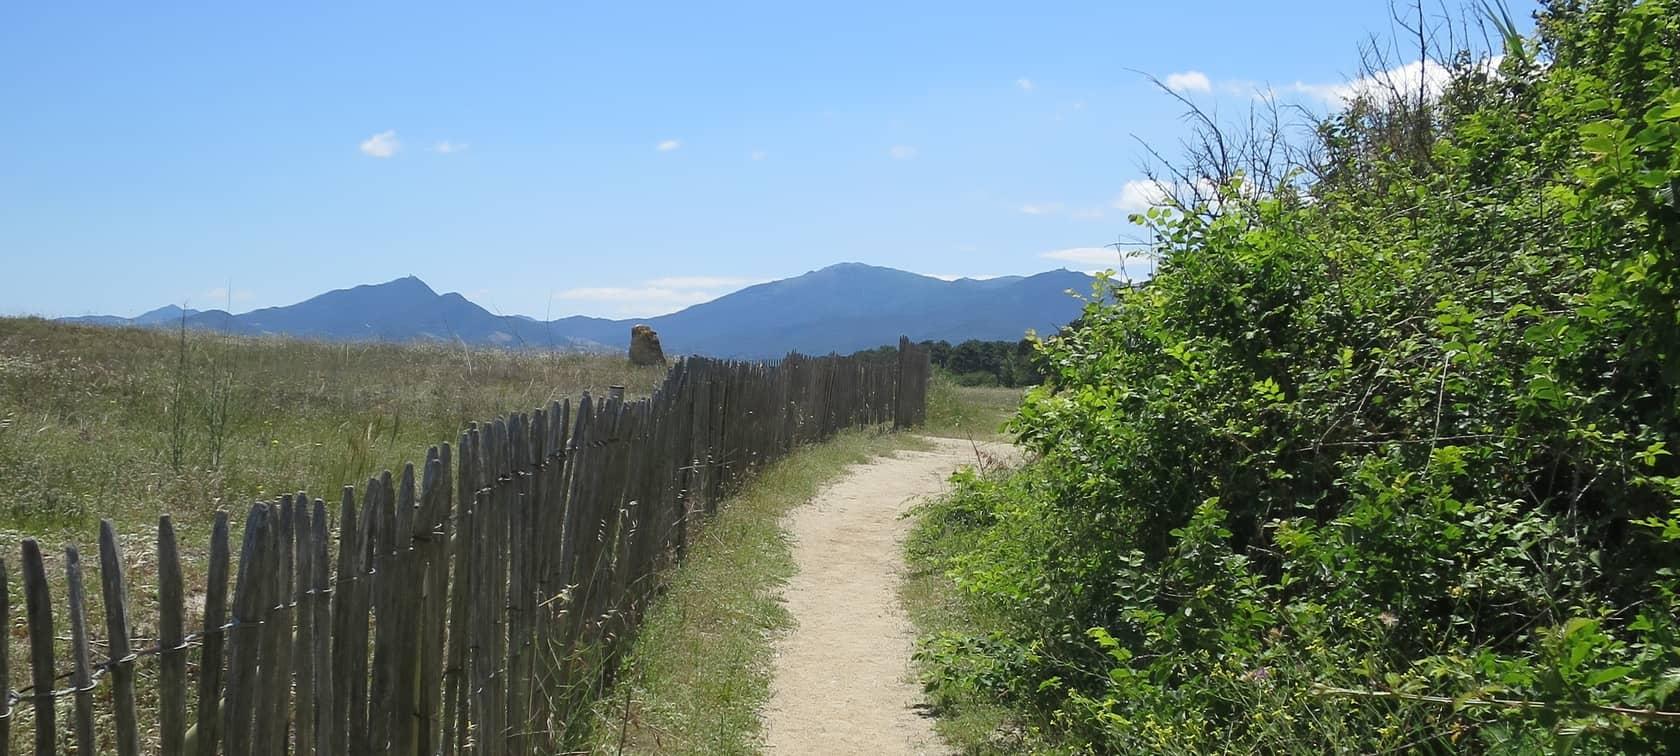 Sentier, Argelès-sur-Mer, réserve du Mas Larrieu, photo d'Aurélie Charles